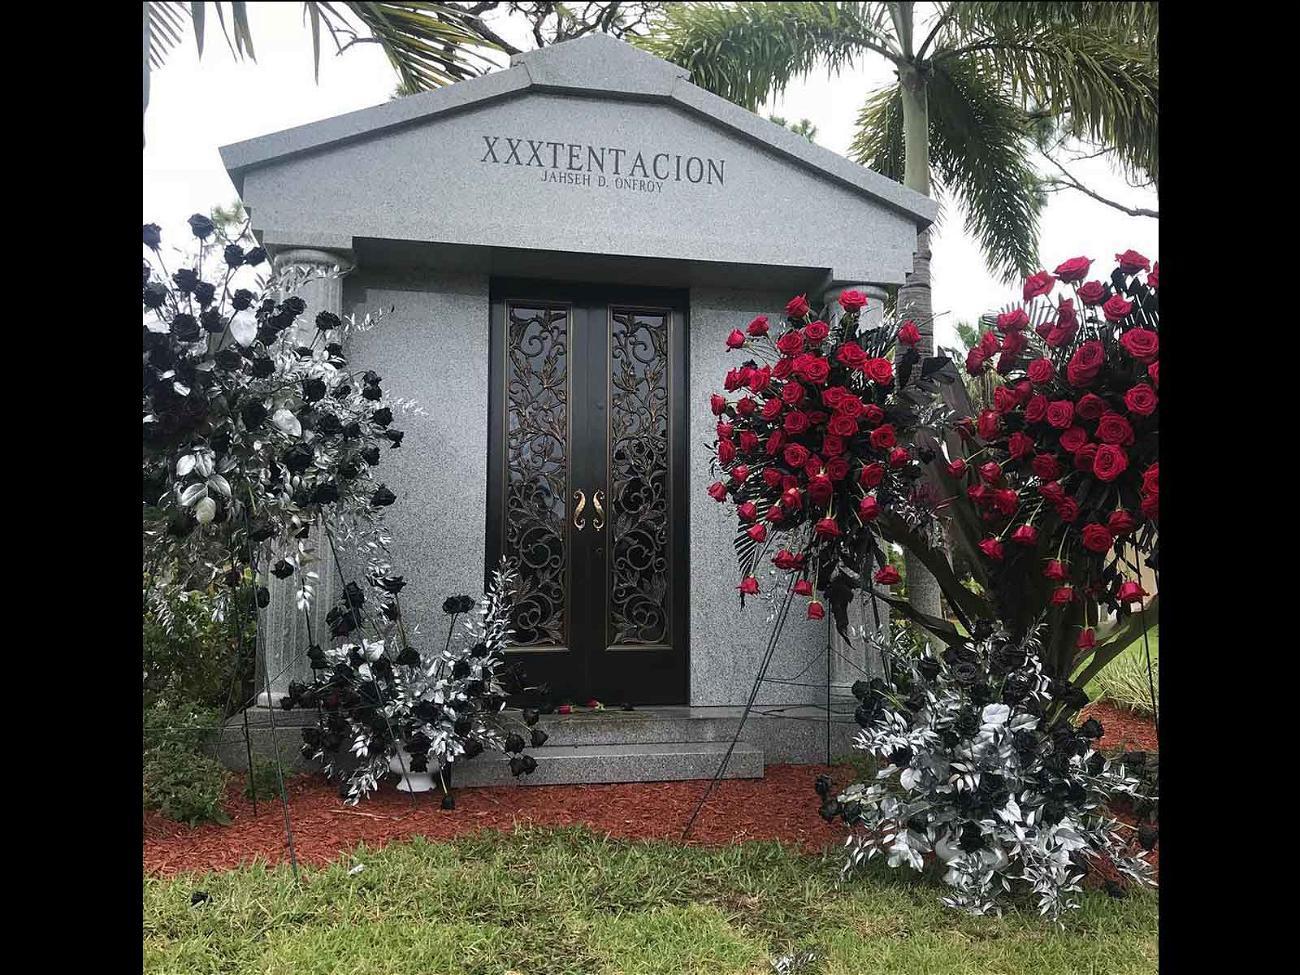 XXXTentacion's mausoleum